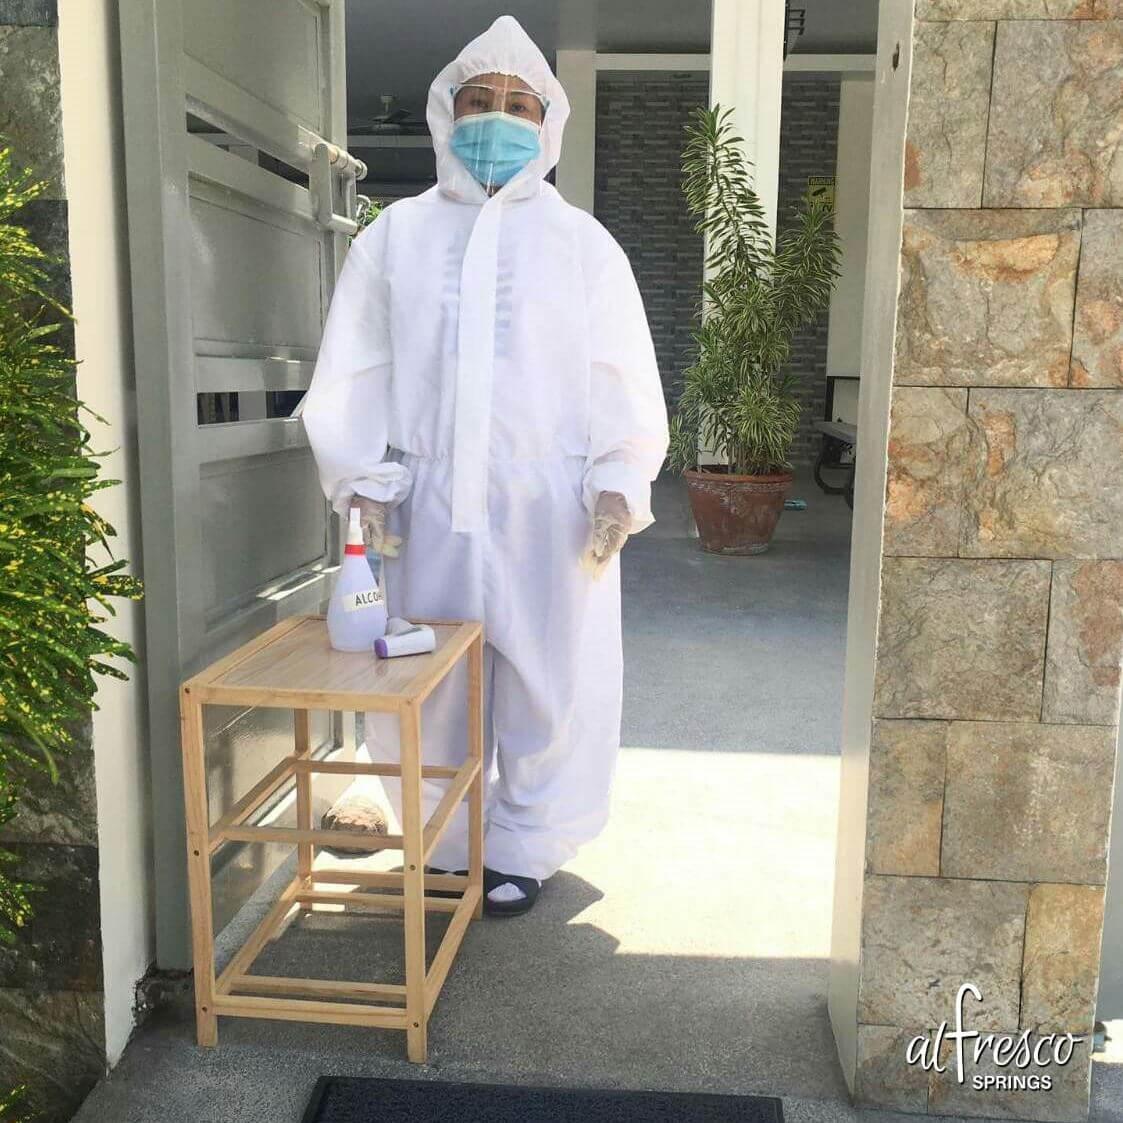 Al Fresco Springs Staff in full PPE